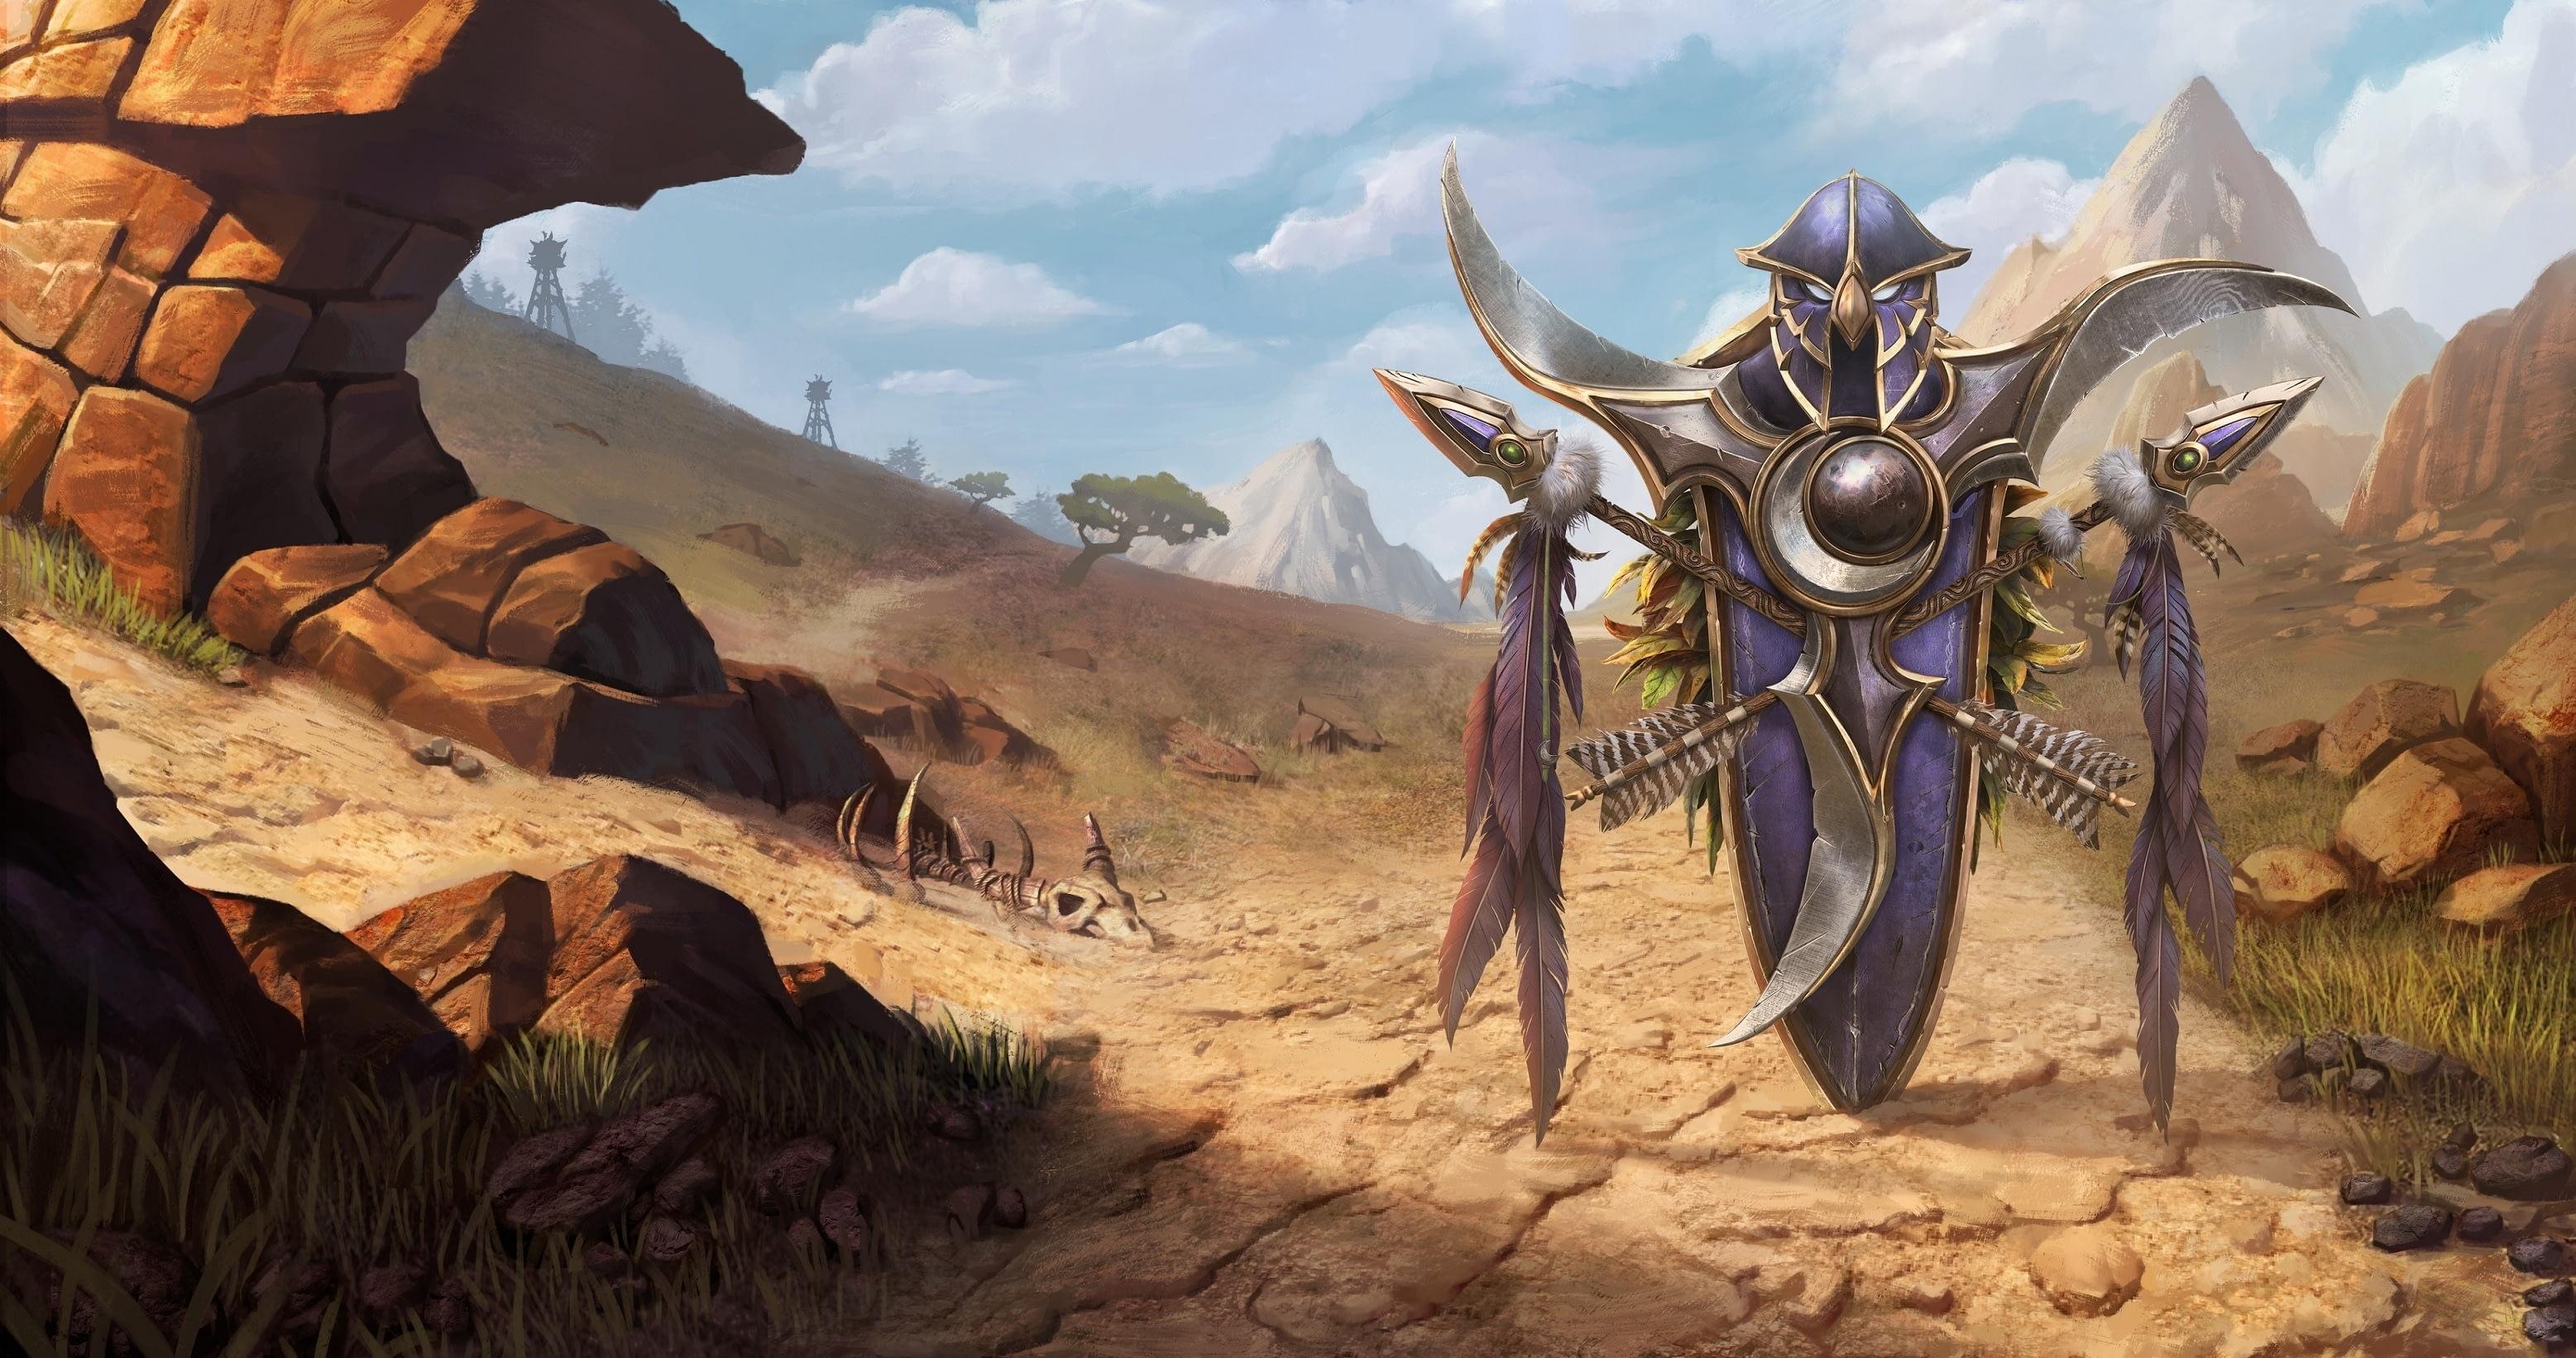 Утечка: обои, меню, интерфейс и иконки Warcraft III: Reforged 12